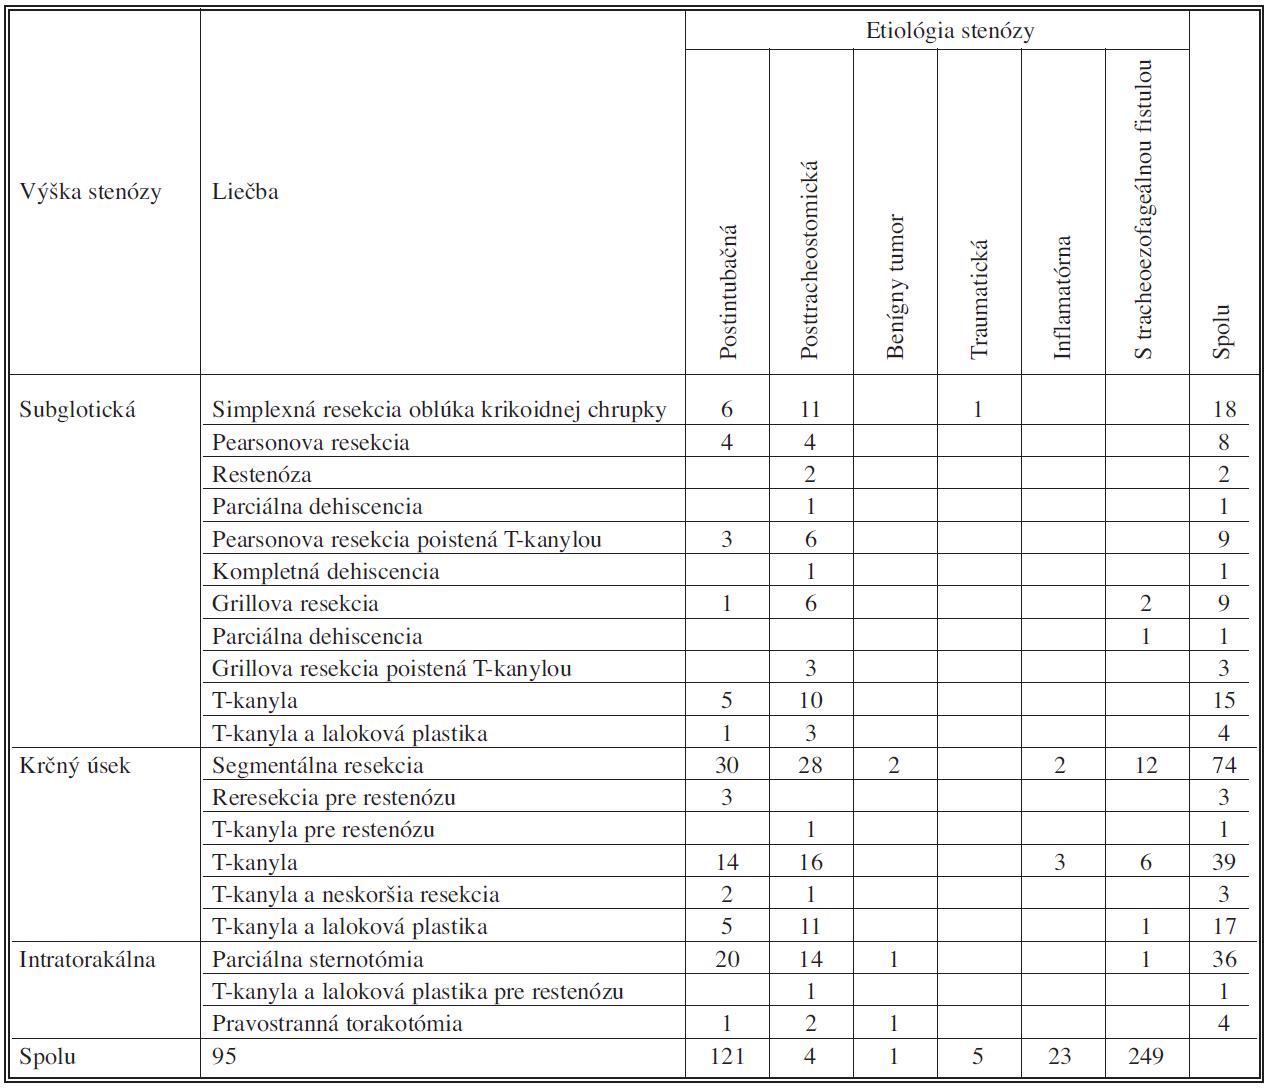 Súbor pacientov so stenózou trachey riešený na Klinike hrudníkovej chirurgie v období 1995–2009 Tab. 1. Patient groups with tracheal stenoses, treated in the Thoracic Surgery Clinic from 1995 to 2009